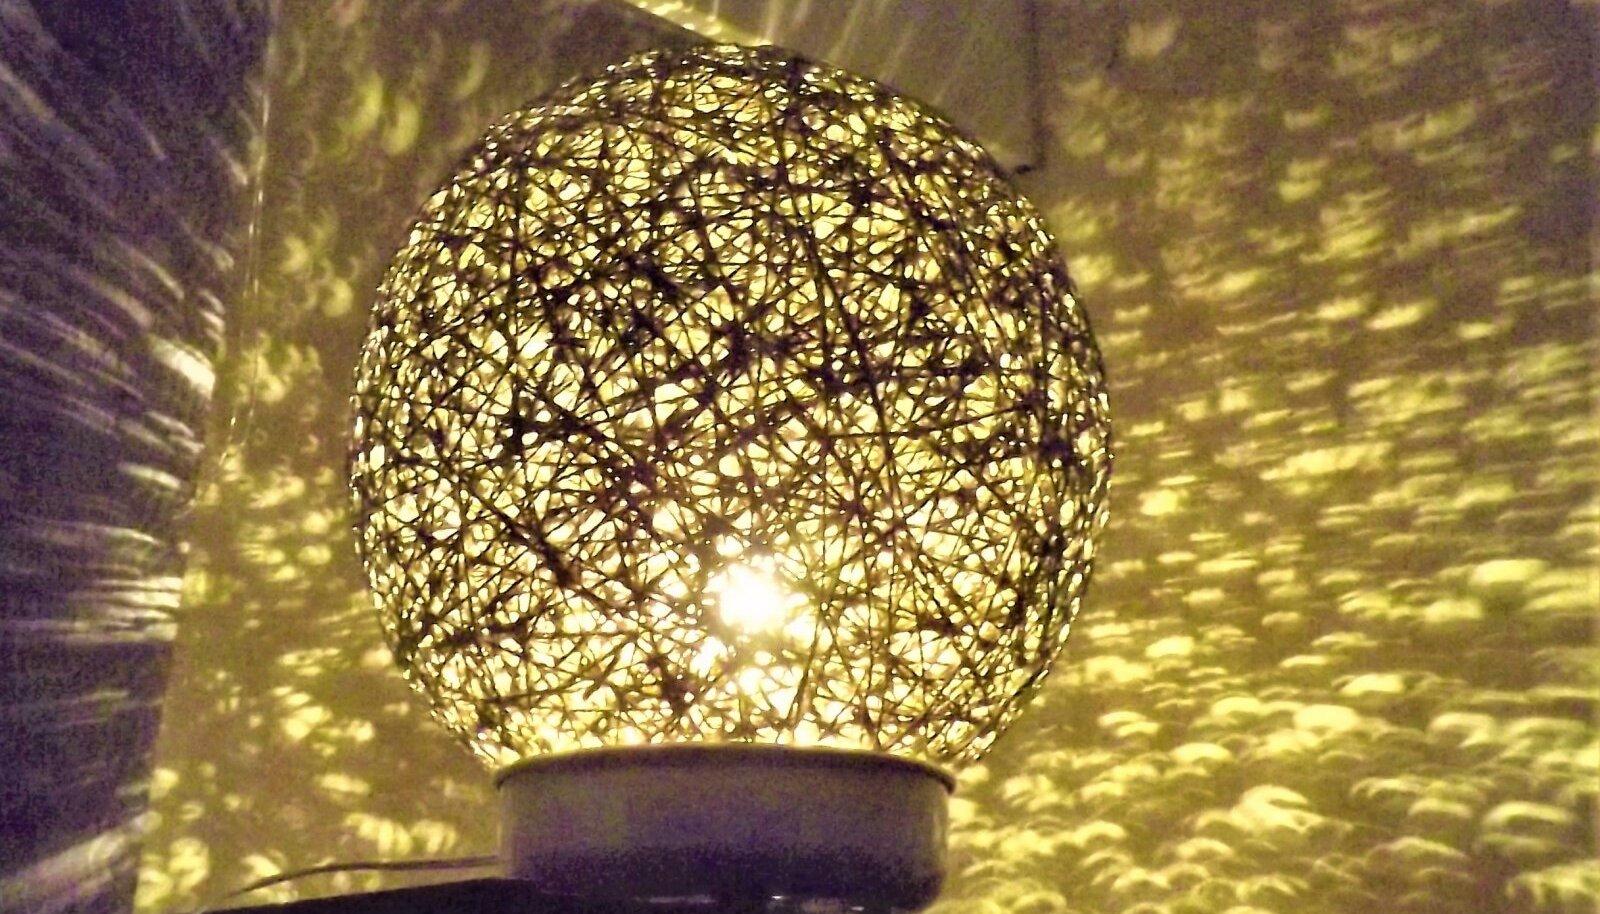 Nöörist laualamp tekitab ruumis huvitava valguse.